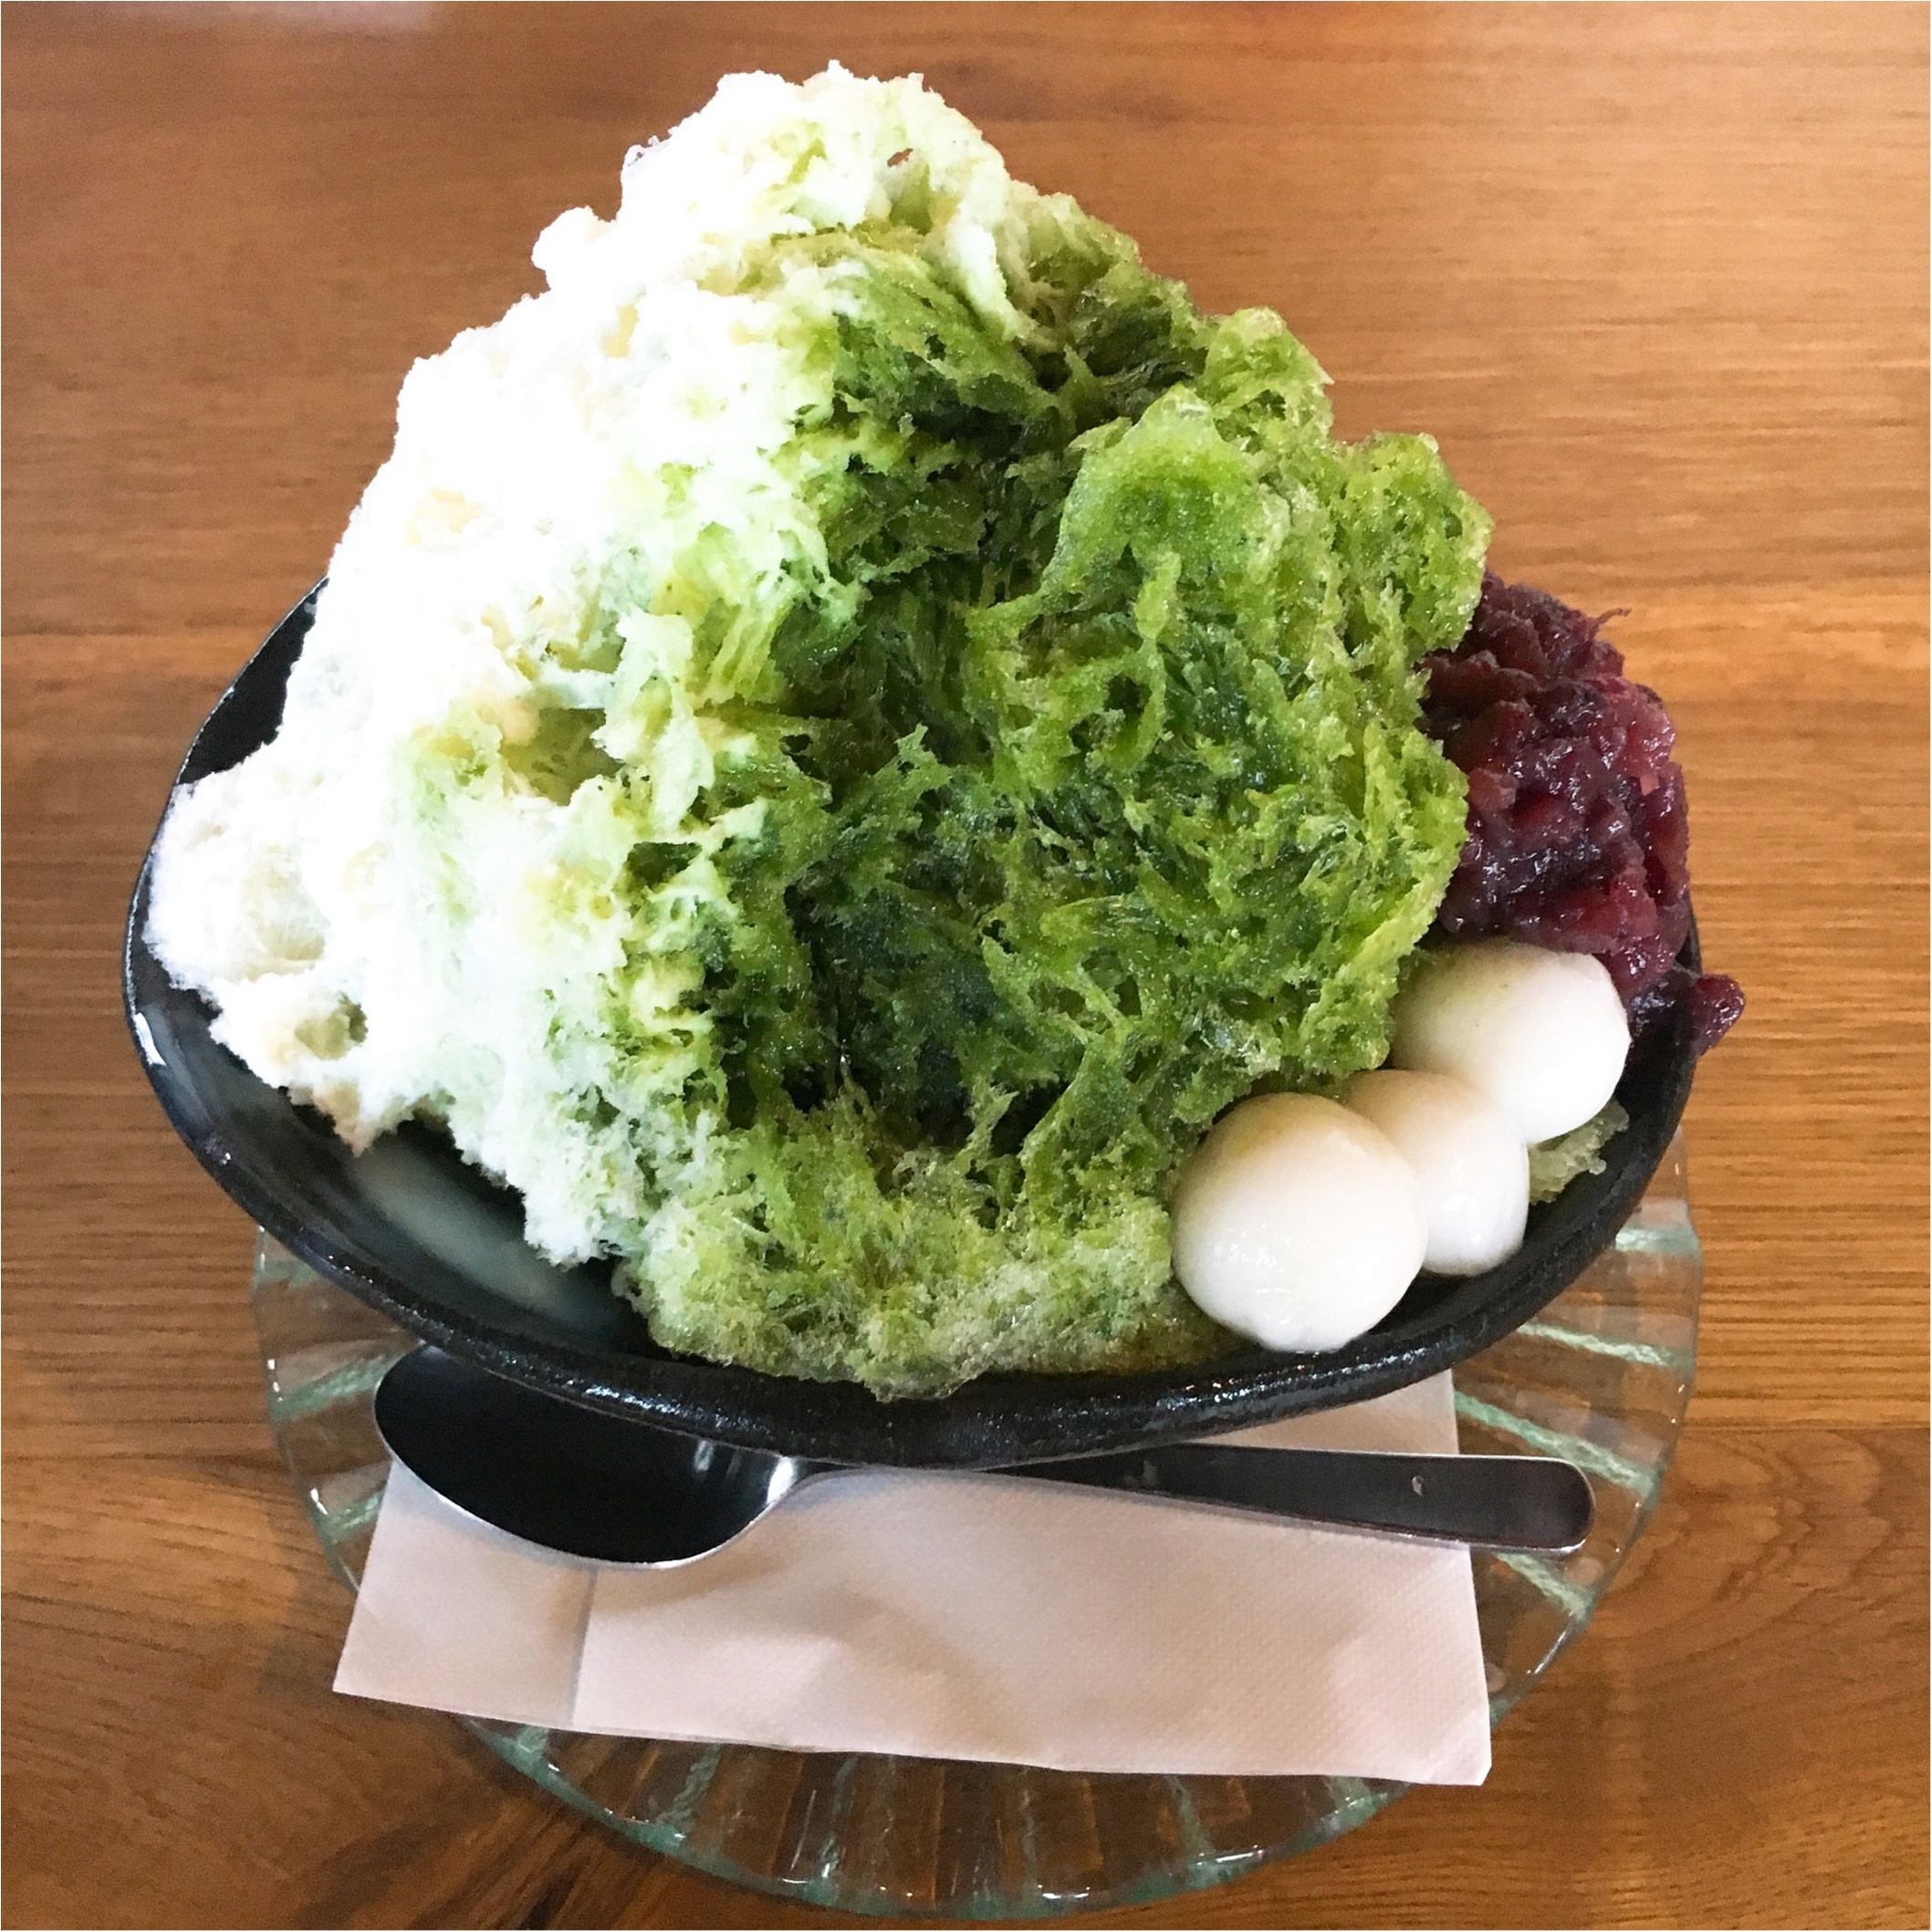 <<かき氷が食べたい!>>ただ食べるだけじゃもったいない!お店の雰囲気も重要♡食べログ掲載店@奈良の「みやけ」に行ってきました!_6